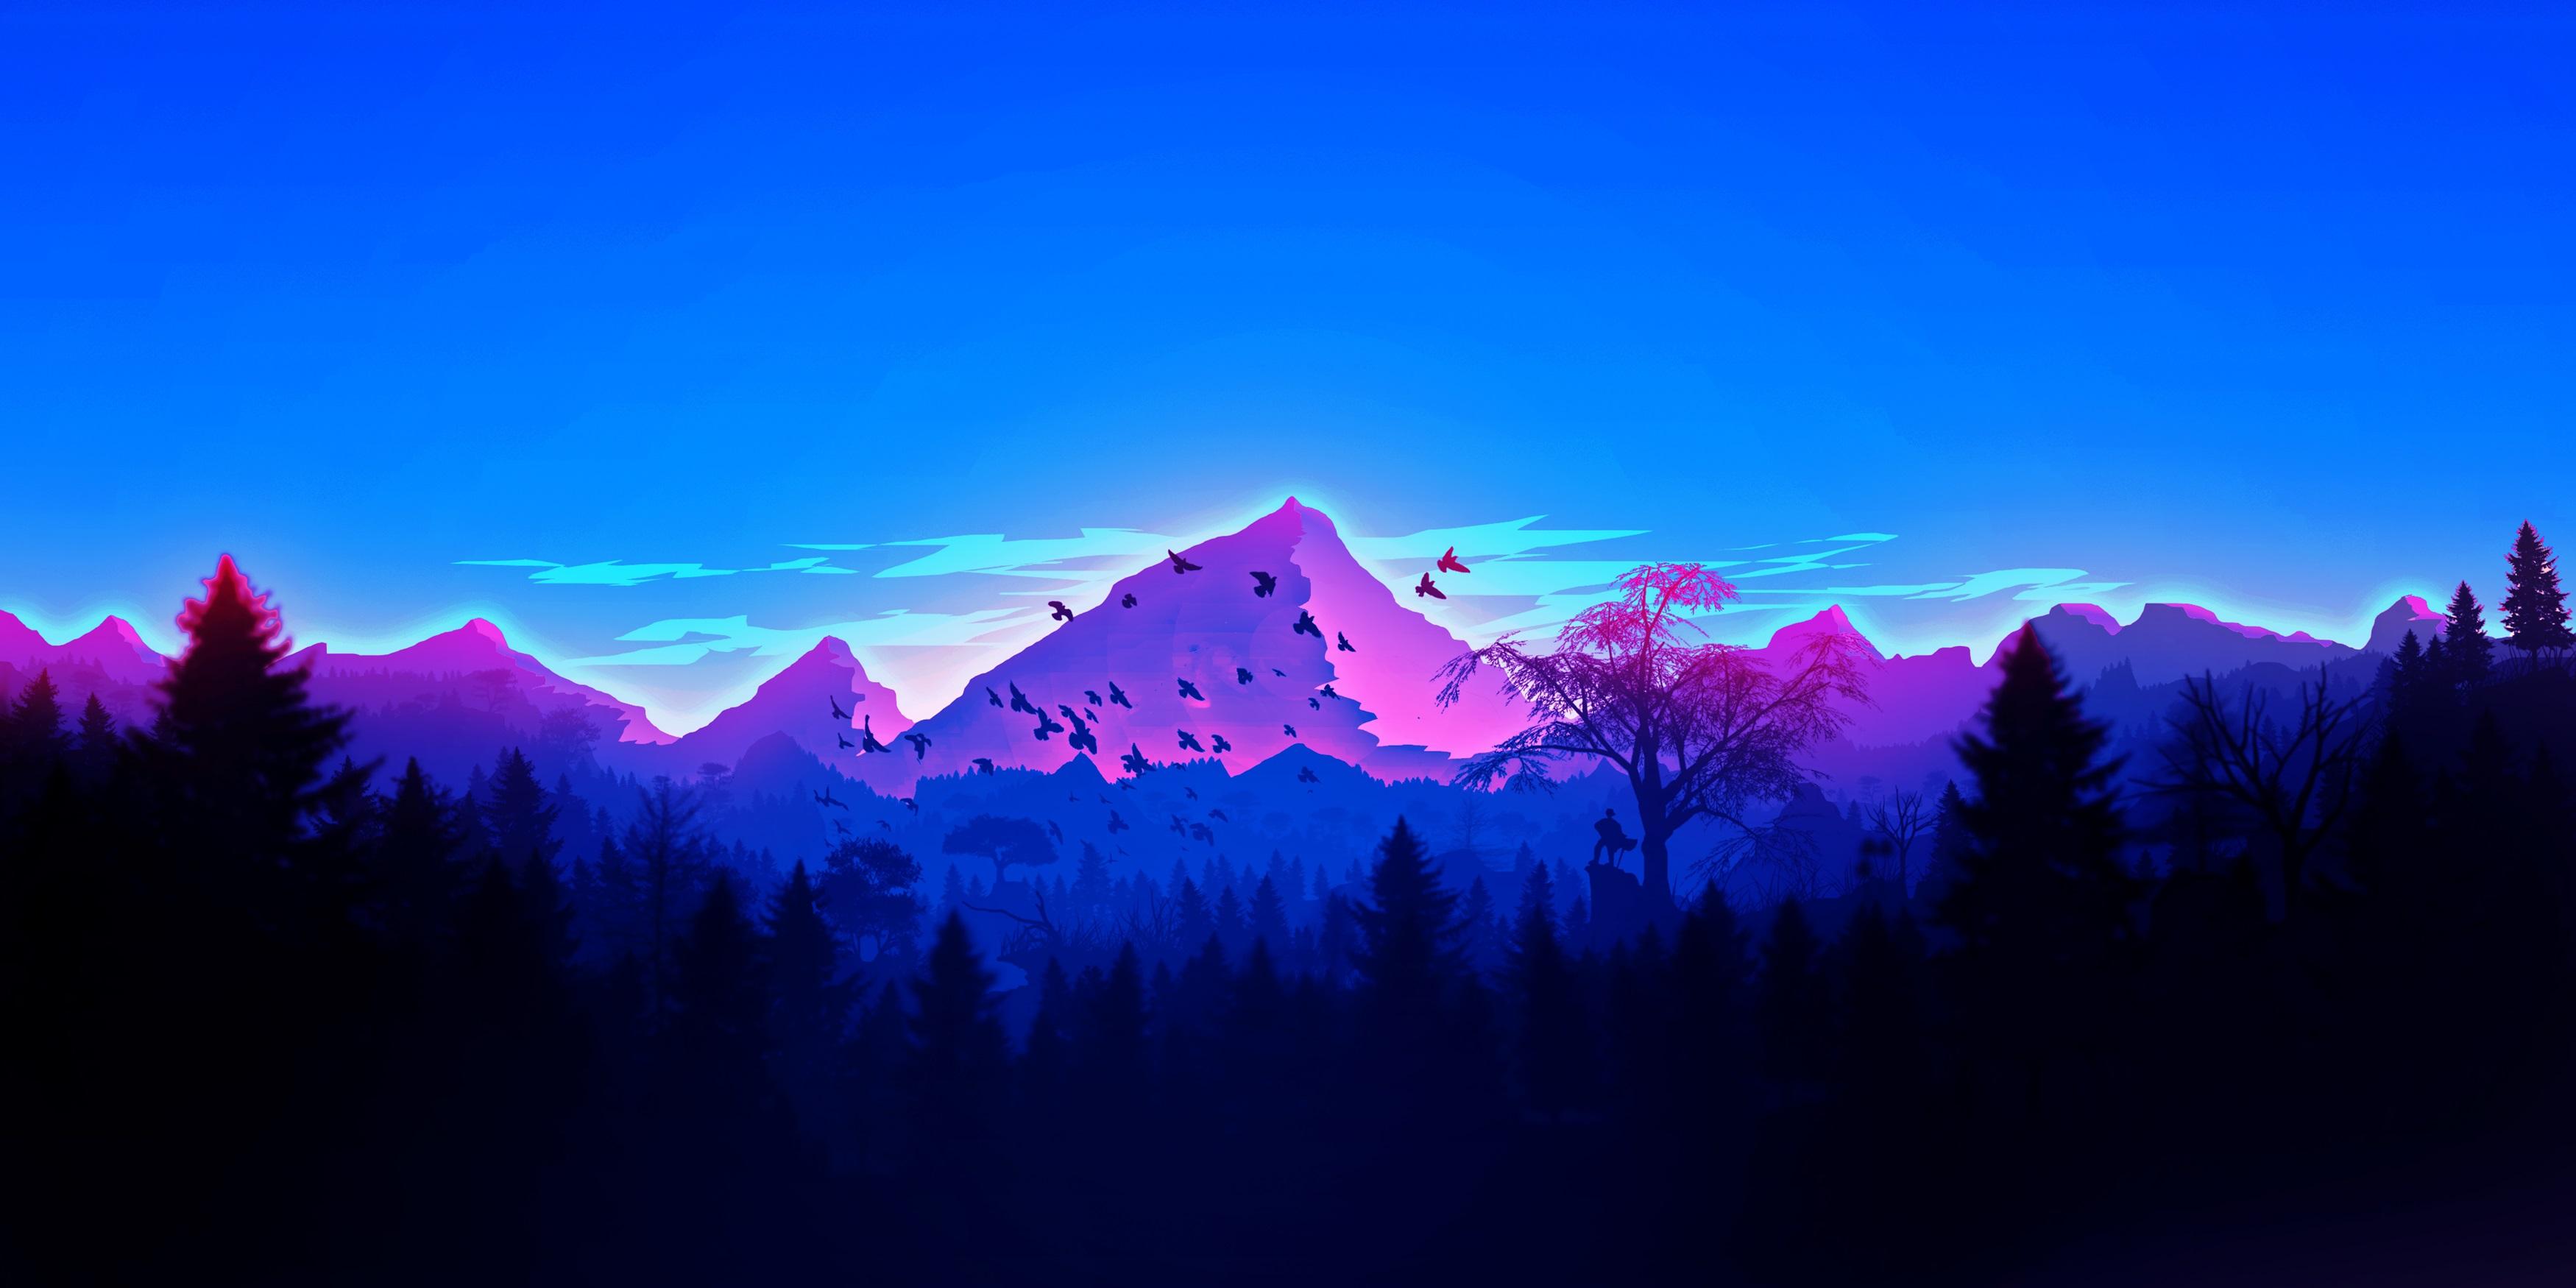 General 3500x1750 artwork landscape mountains forest minimalism vaporwave blue ultrawide